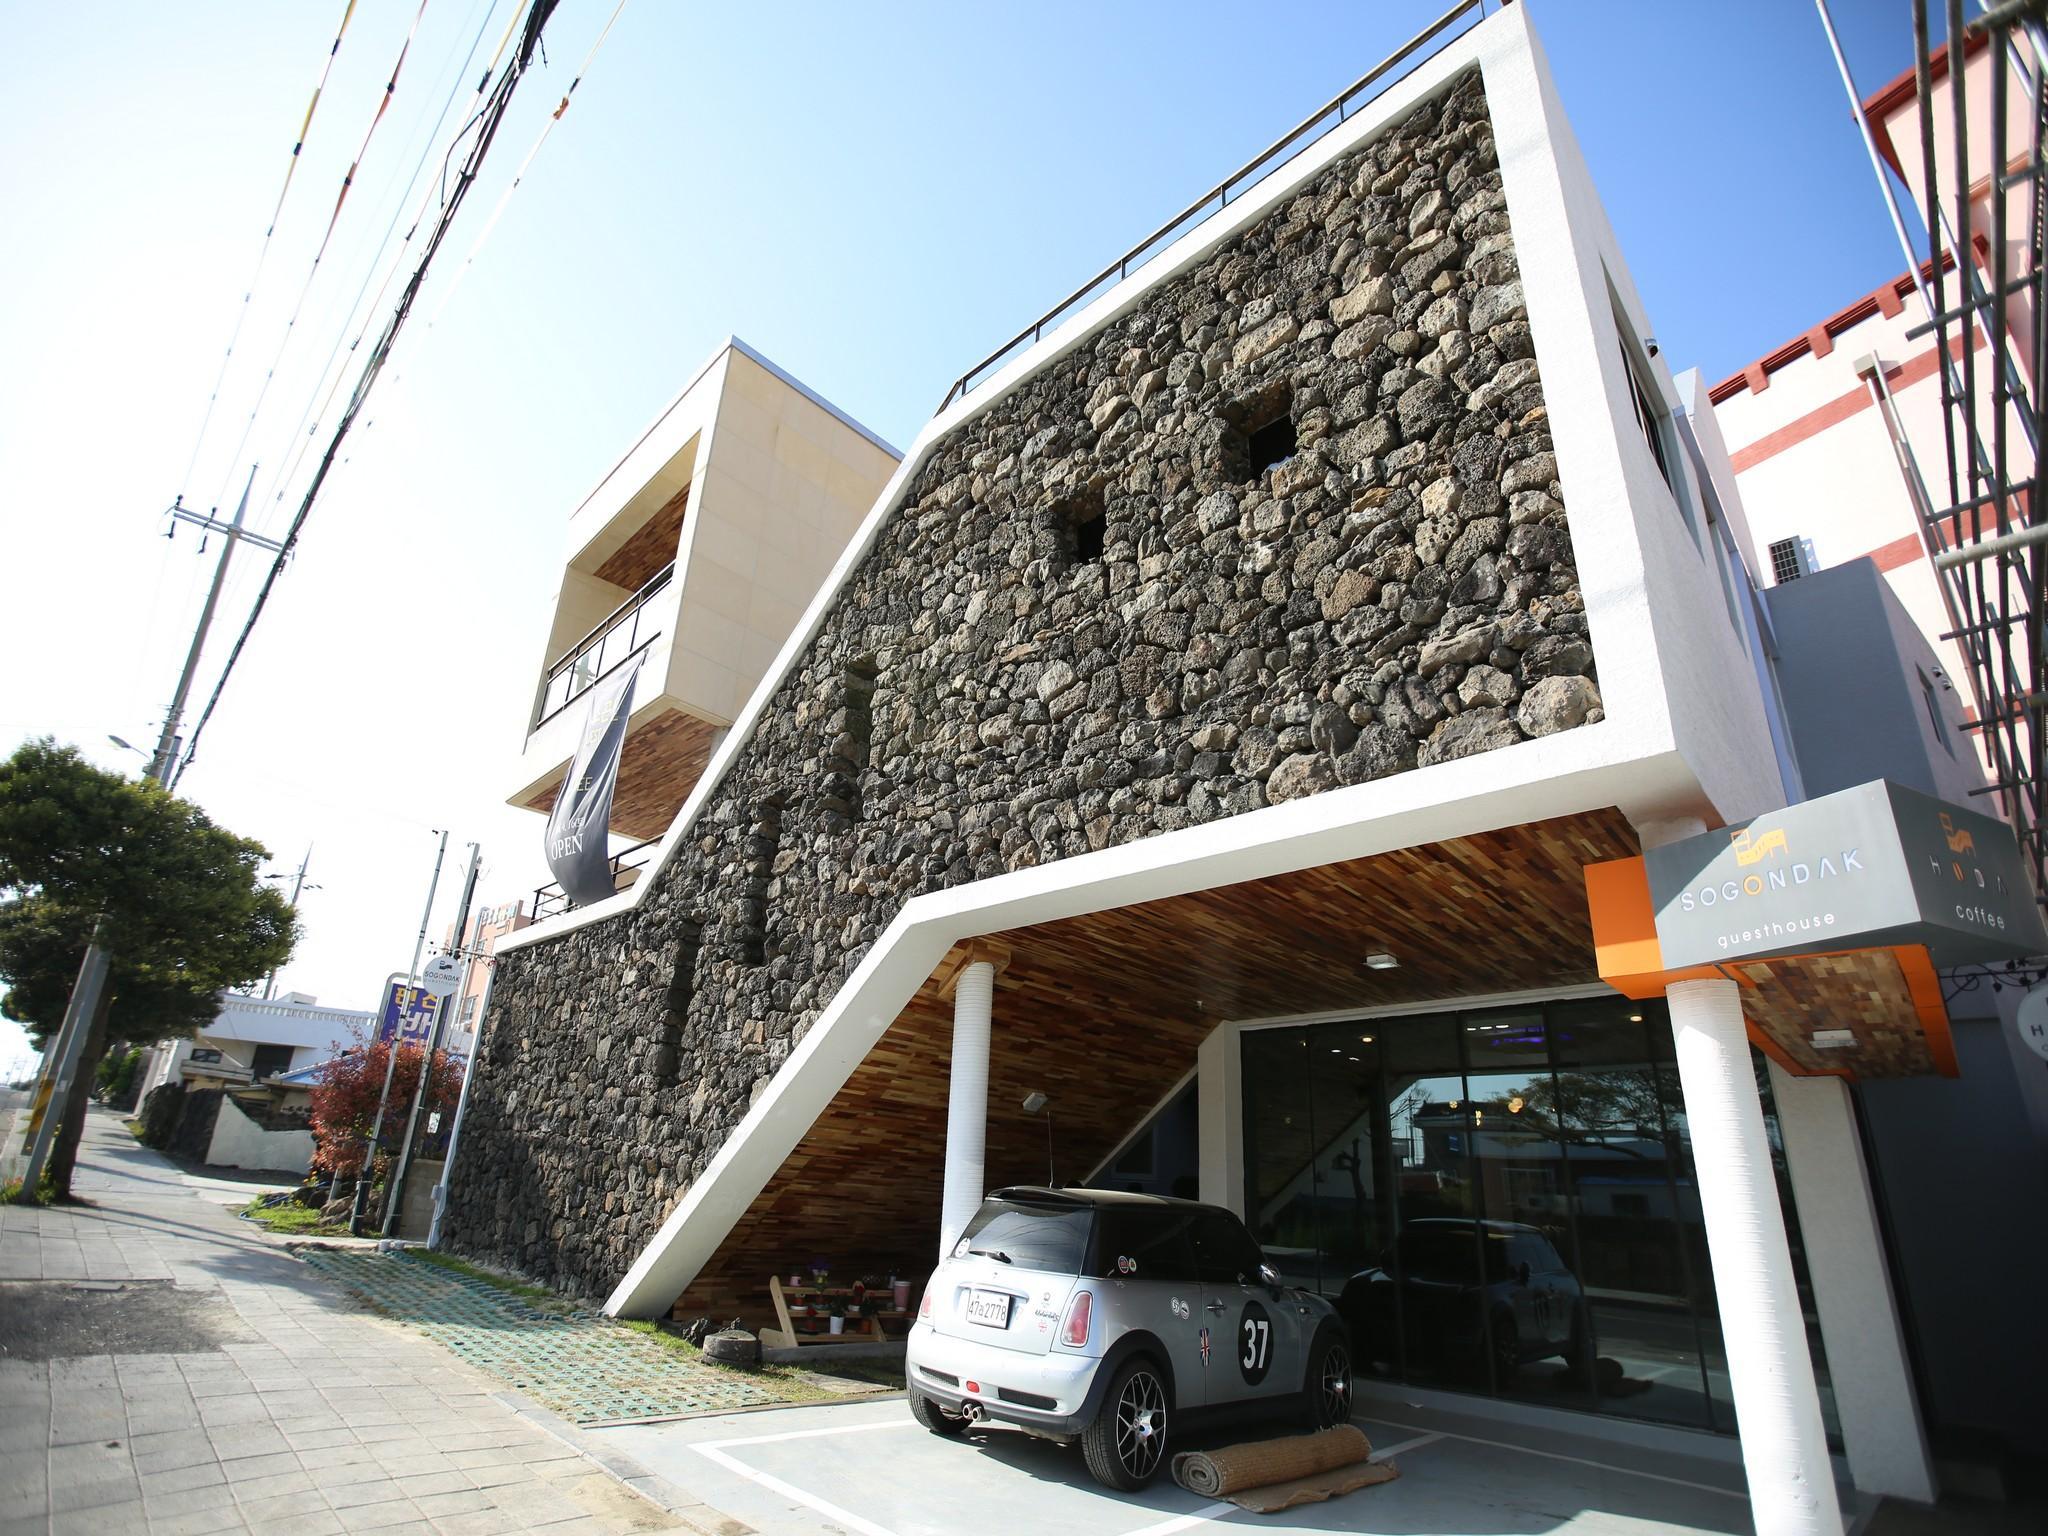 Sogondak House